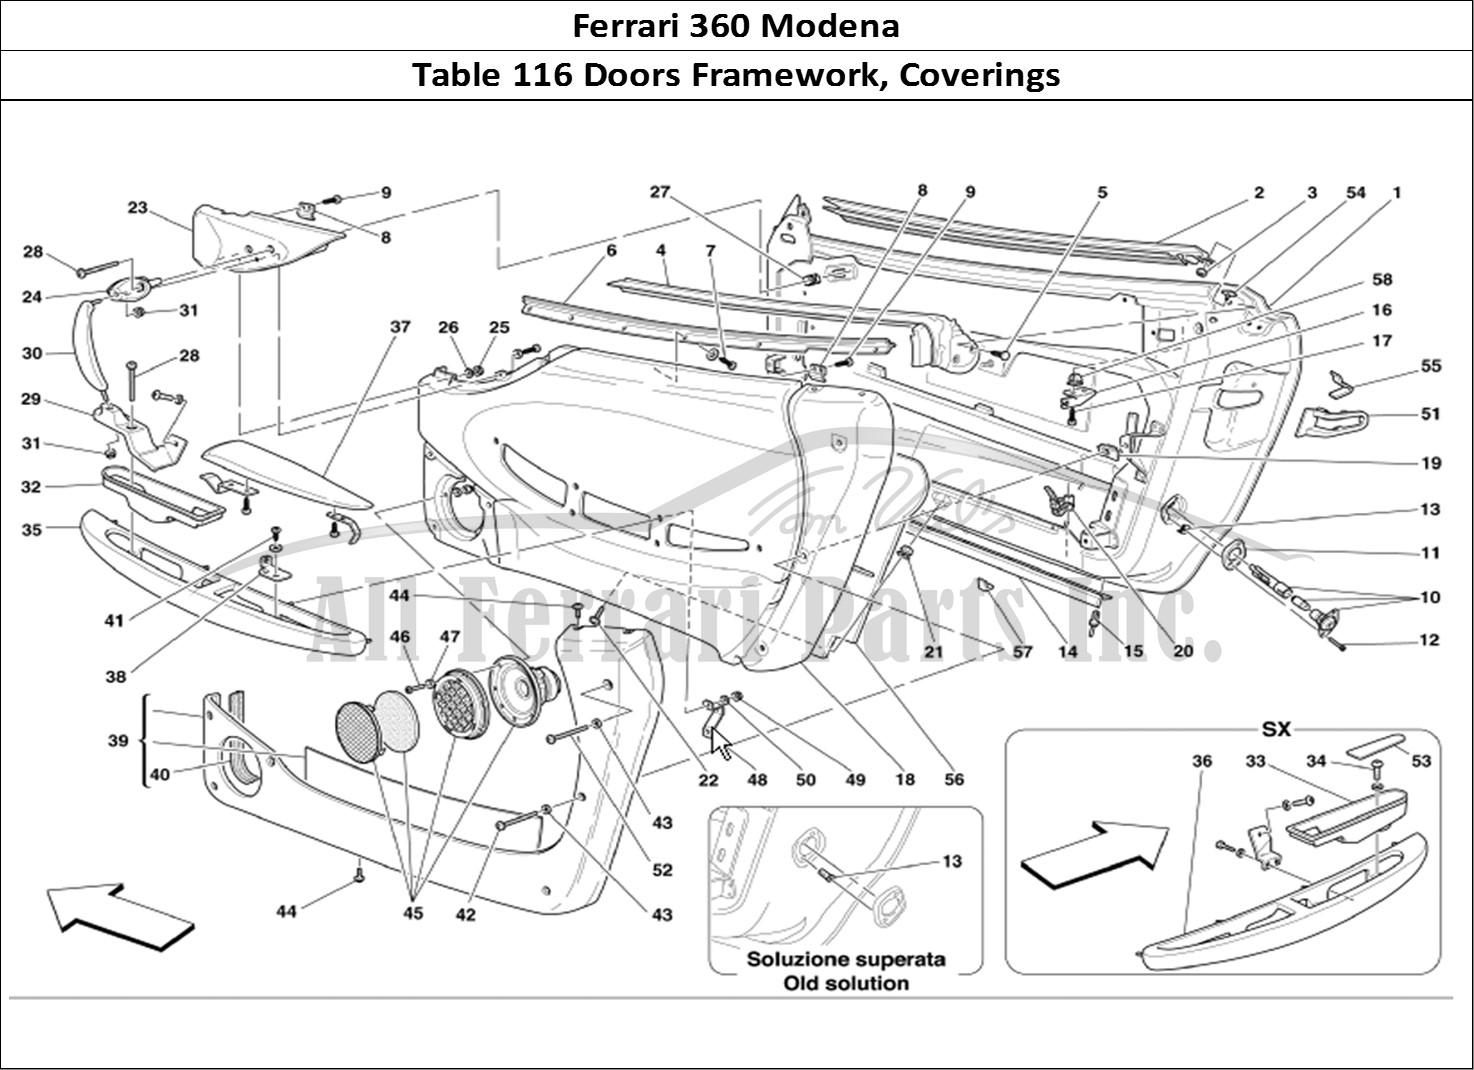 Buy original Ferrari 360 Modena 116 Doors Framework